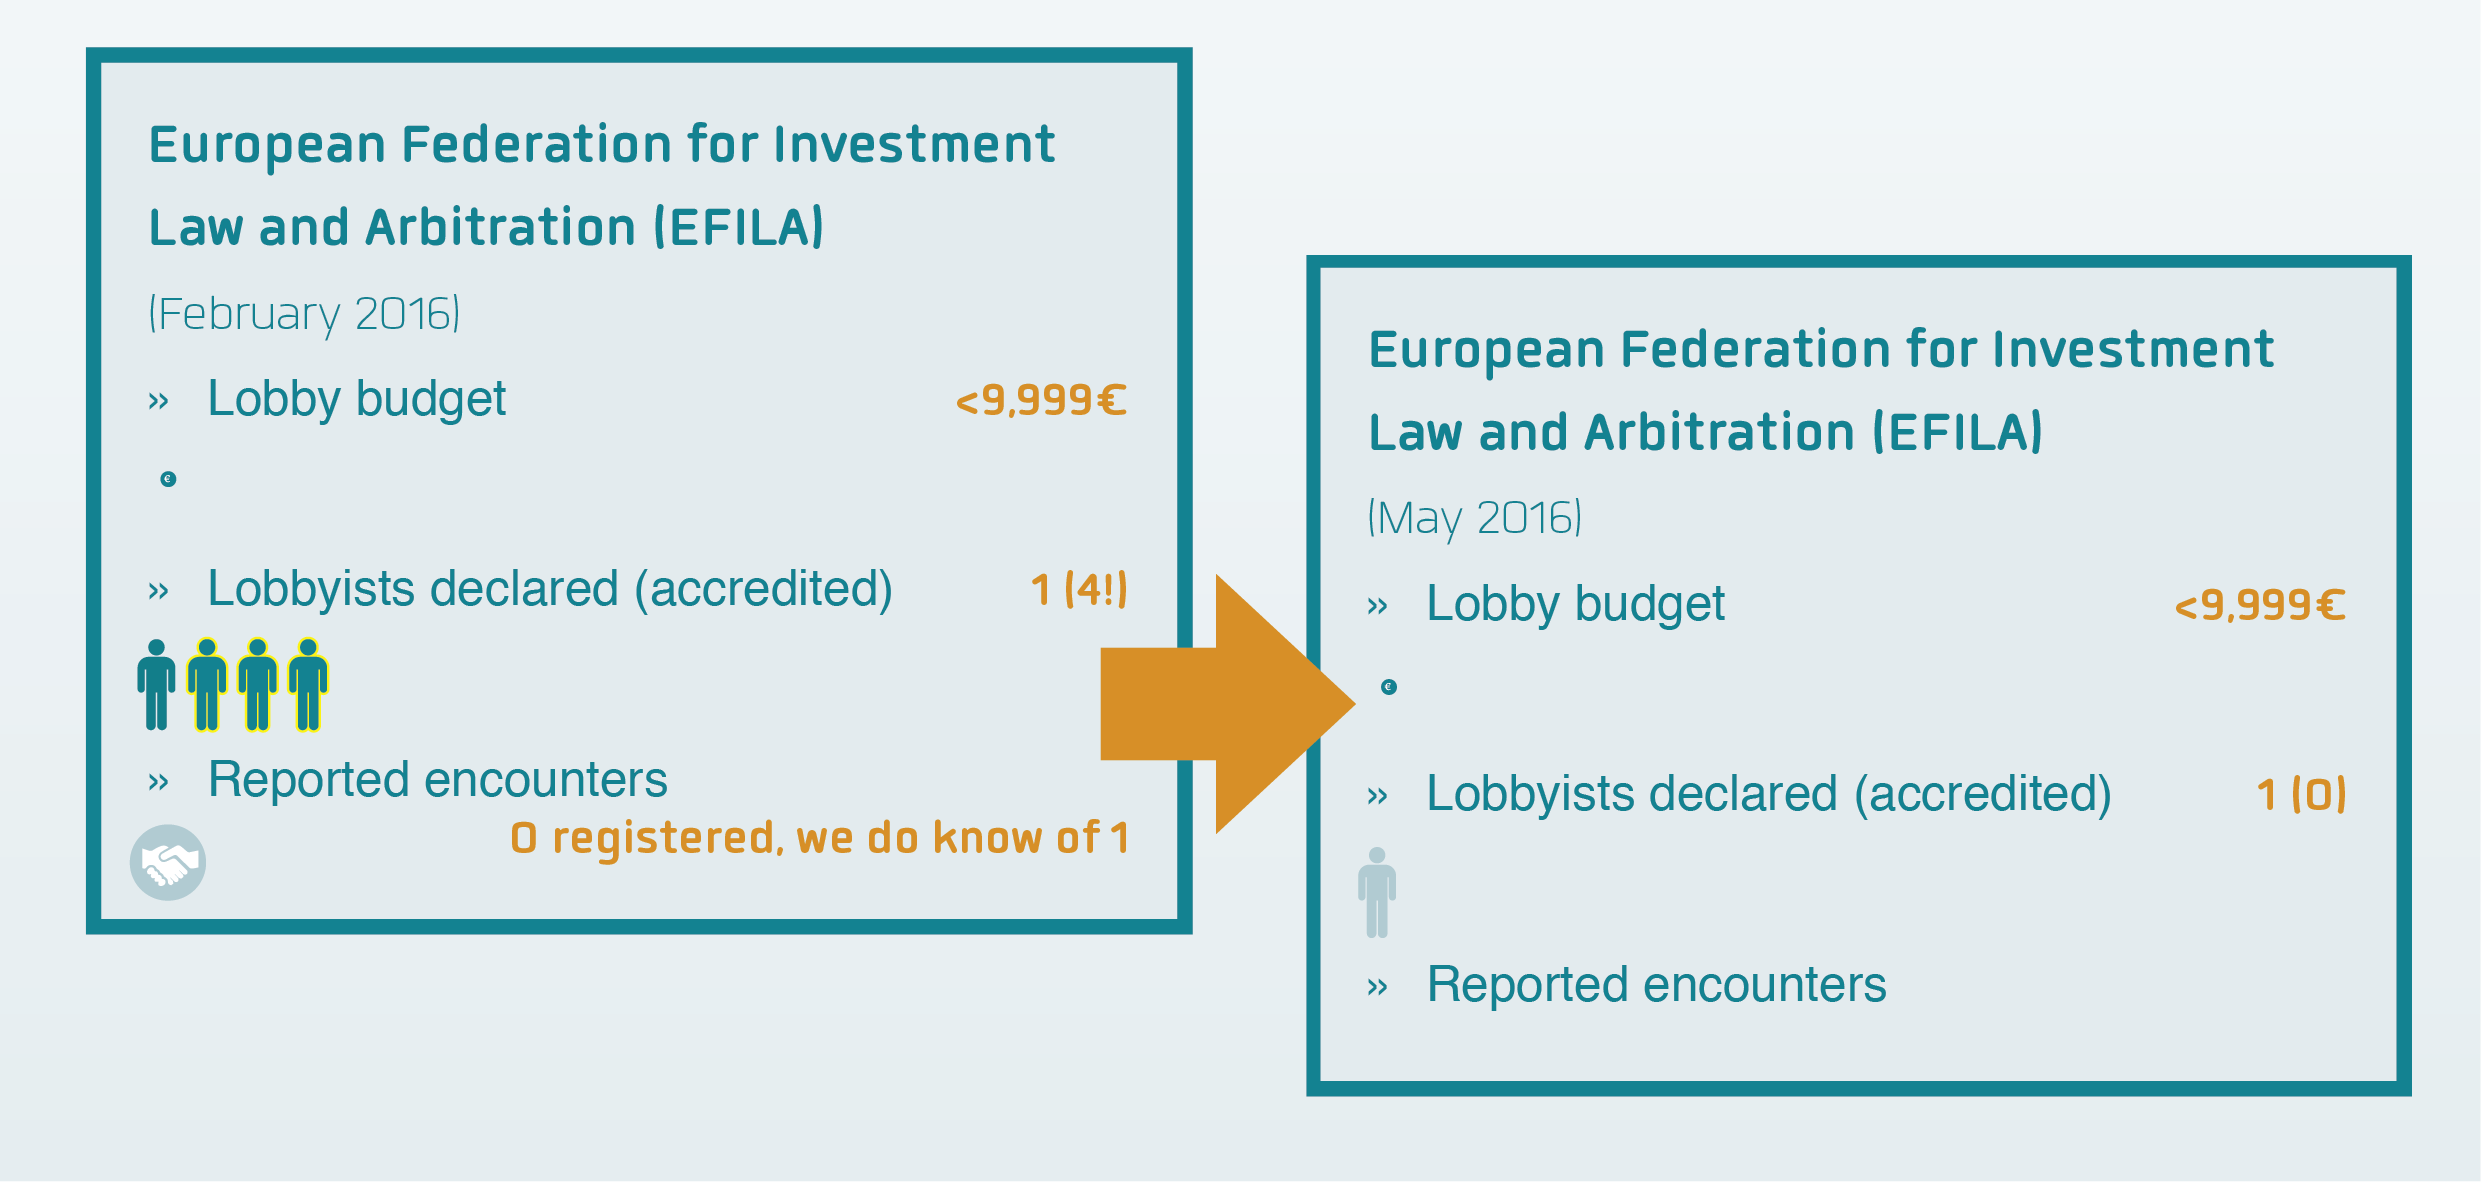 EFILA declared status February versus May 2016